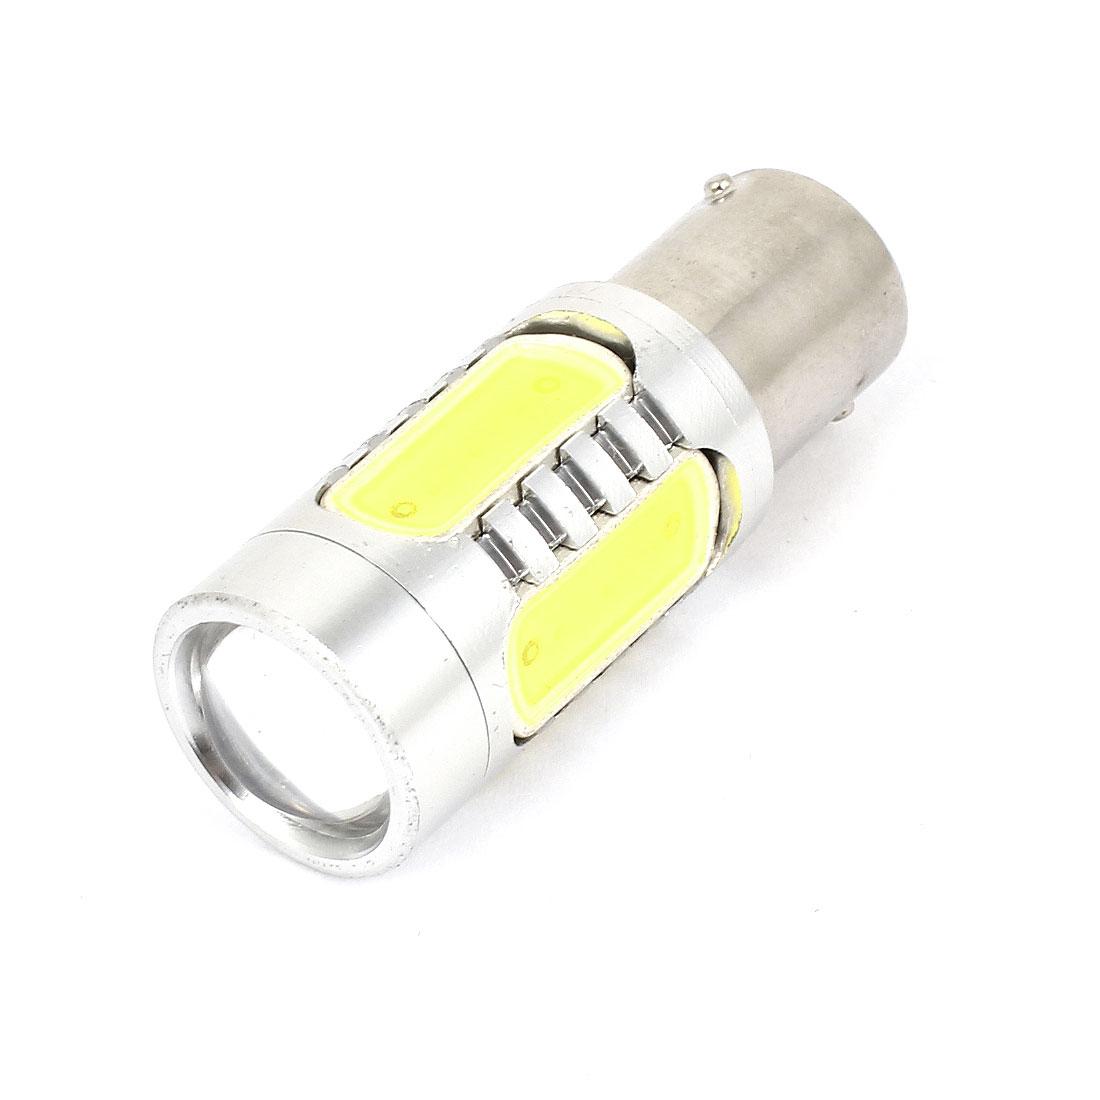 Car 7.5W 1156 White 5 SMD LED Lens Turn Backup Light Signal Lamp Bulb 12V